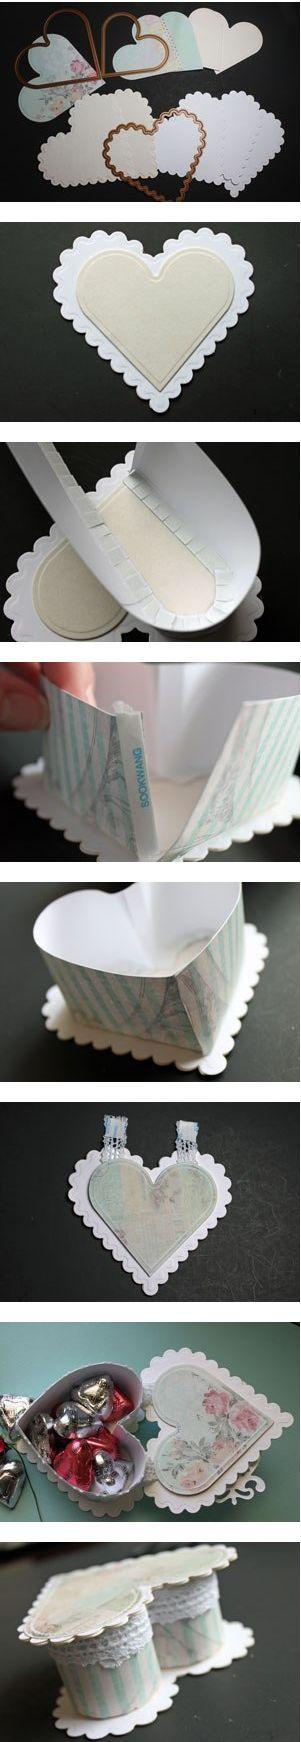 Como hacer una caja para chocolates con forma de corazon